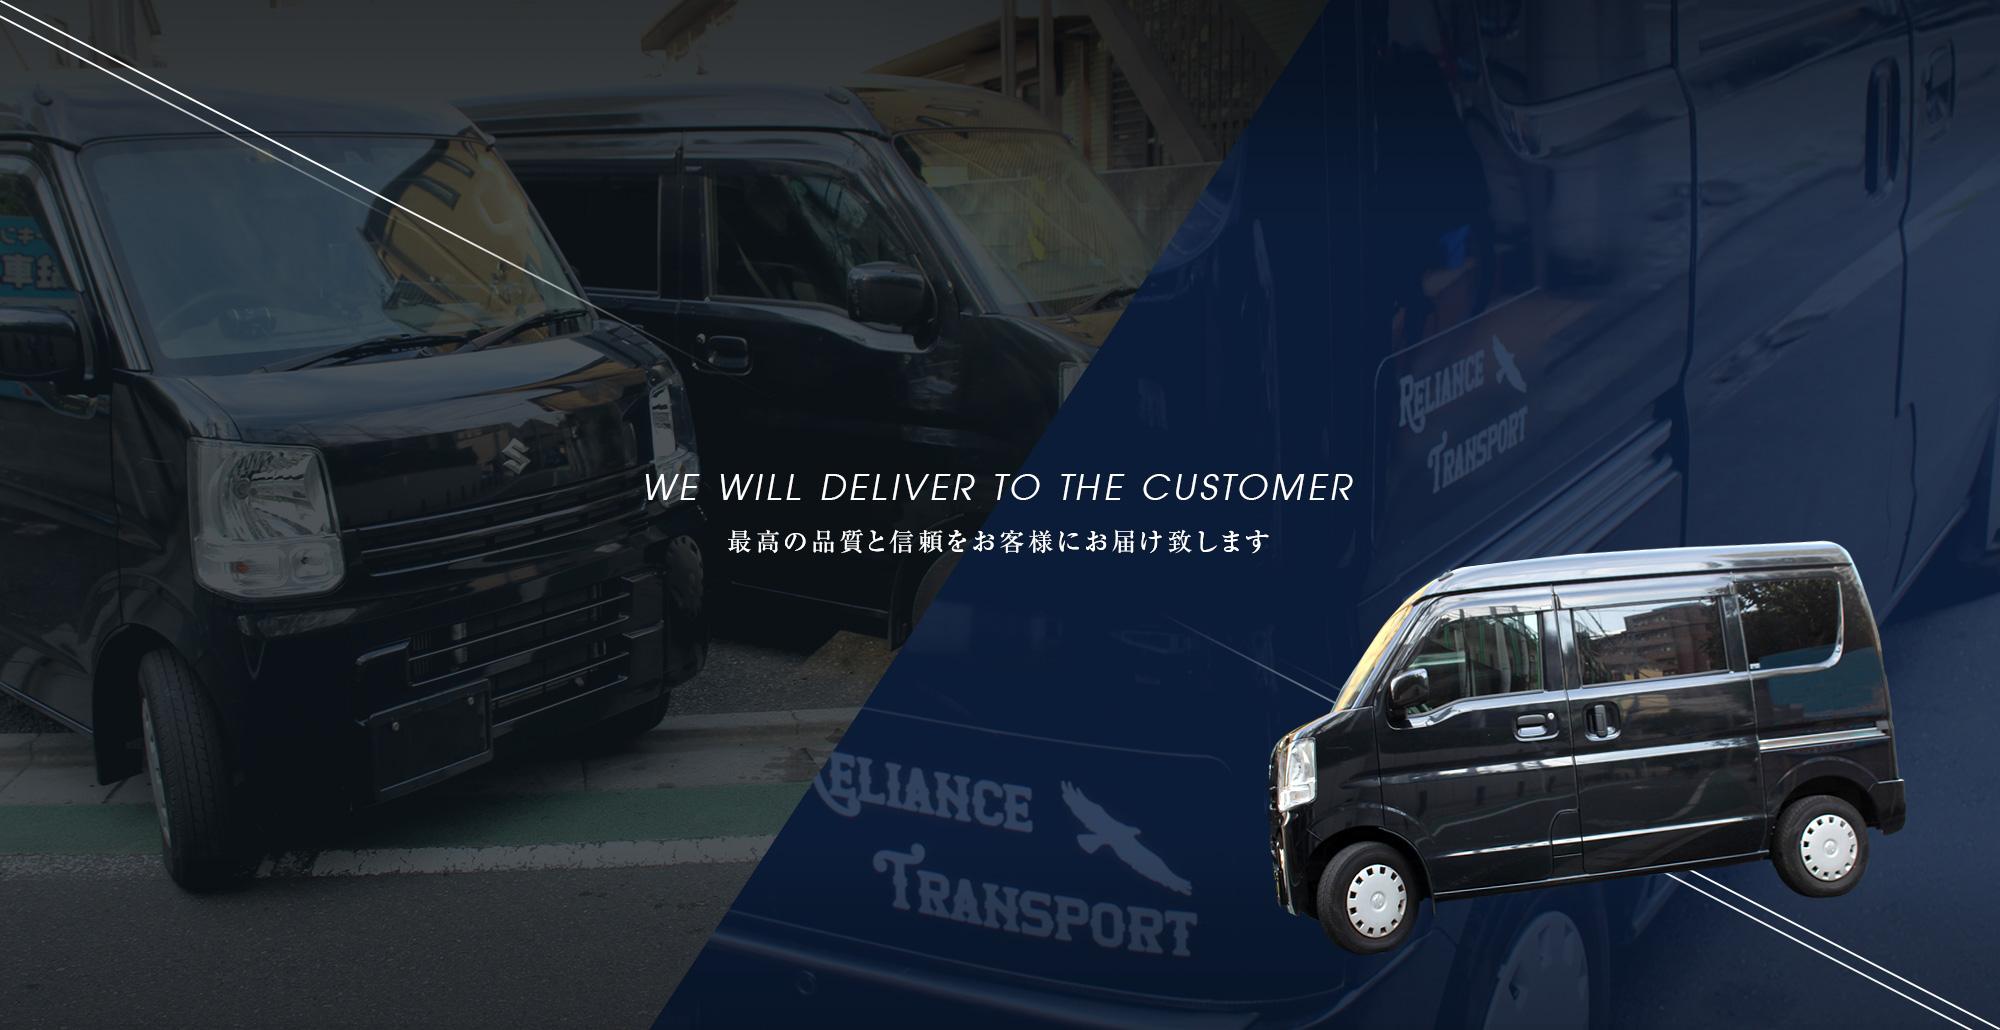 最高の品質と信頼をお客様にお届けします